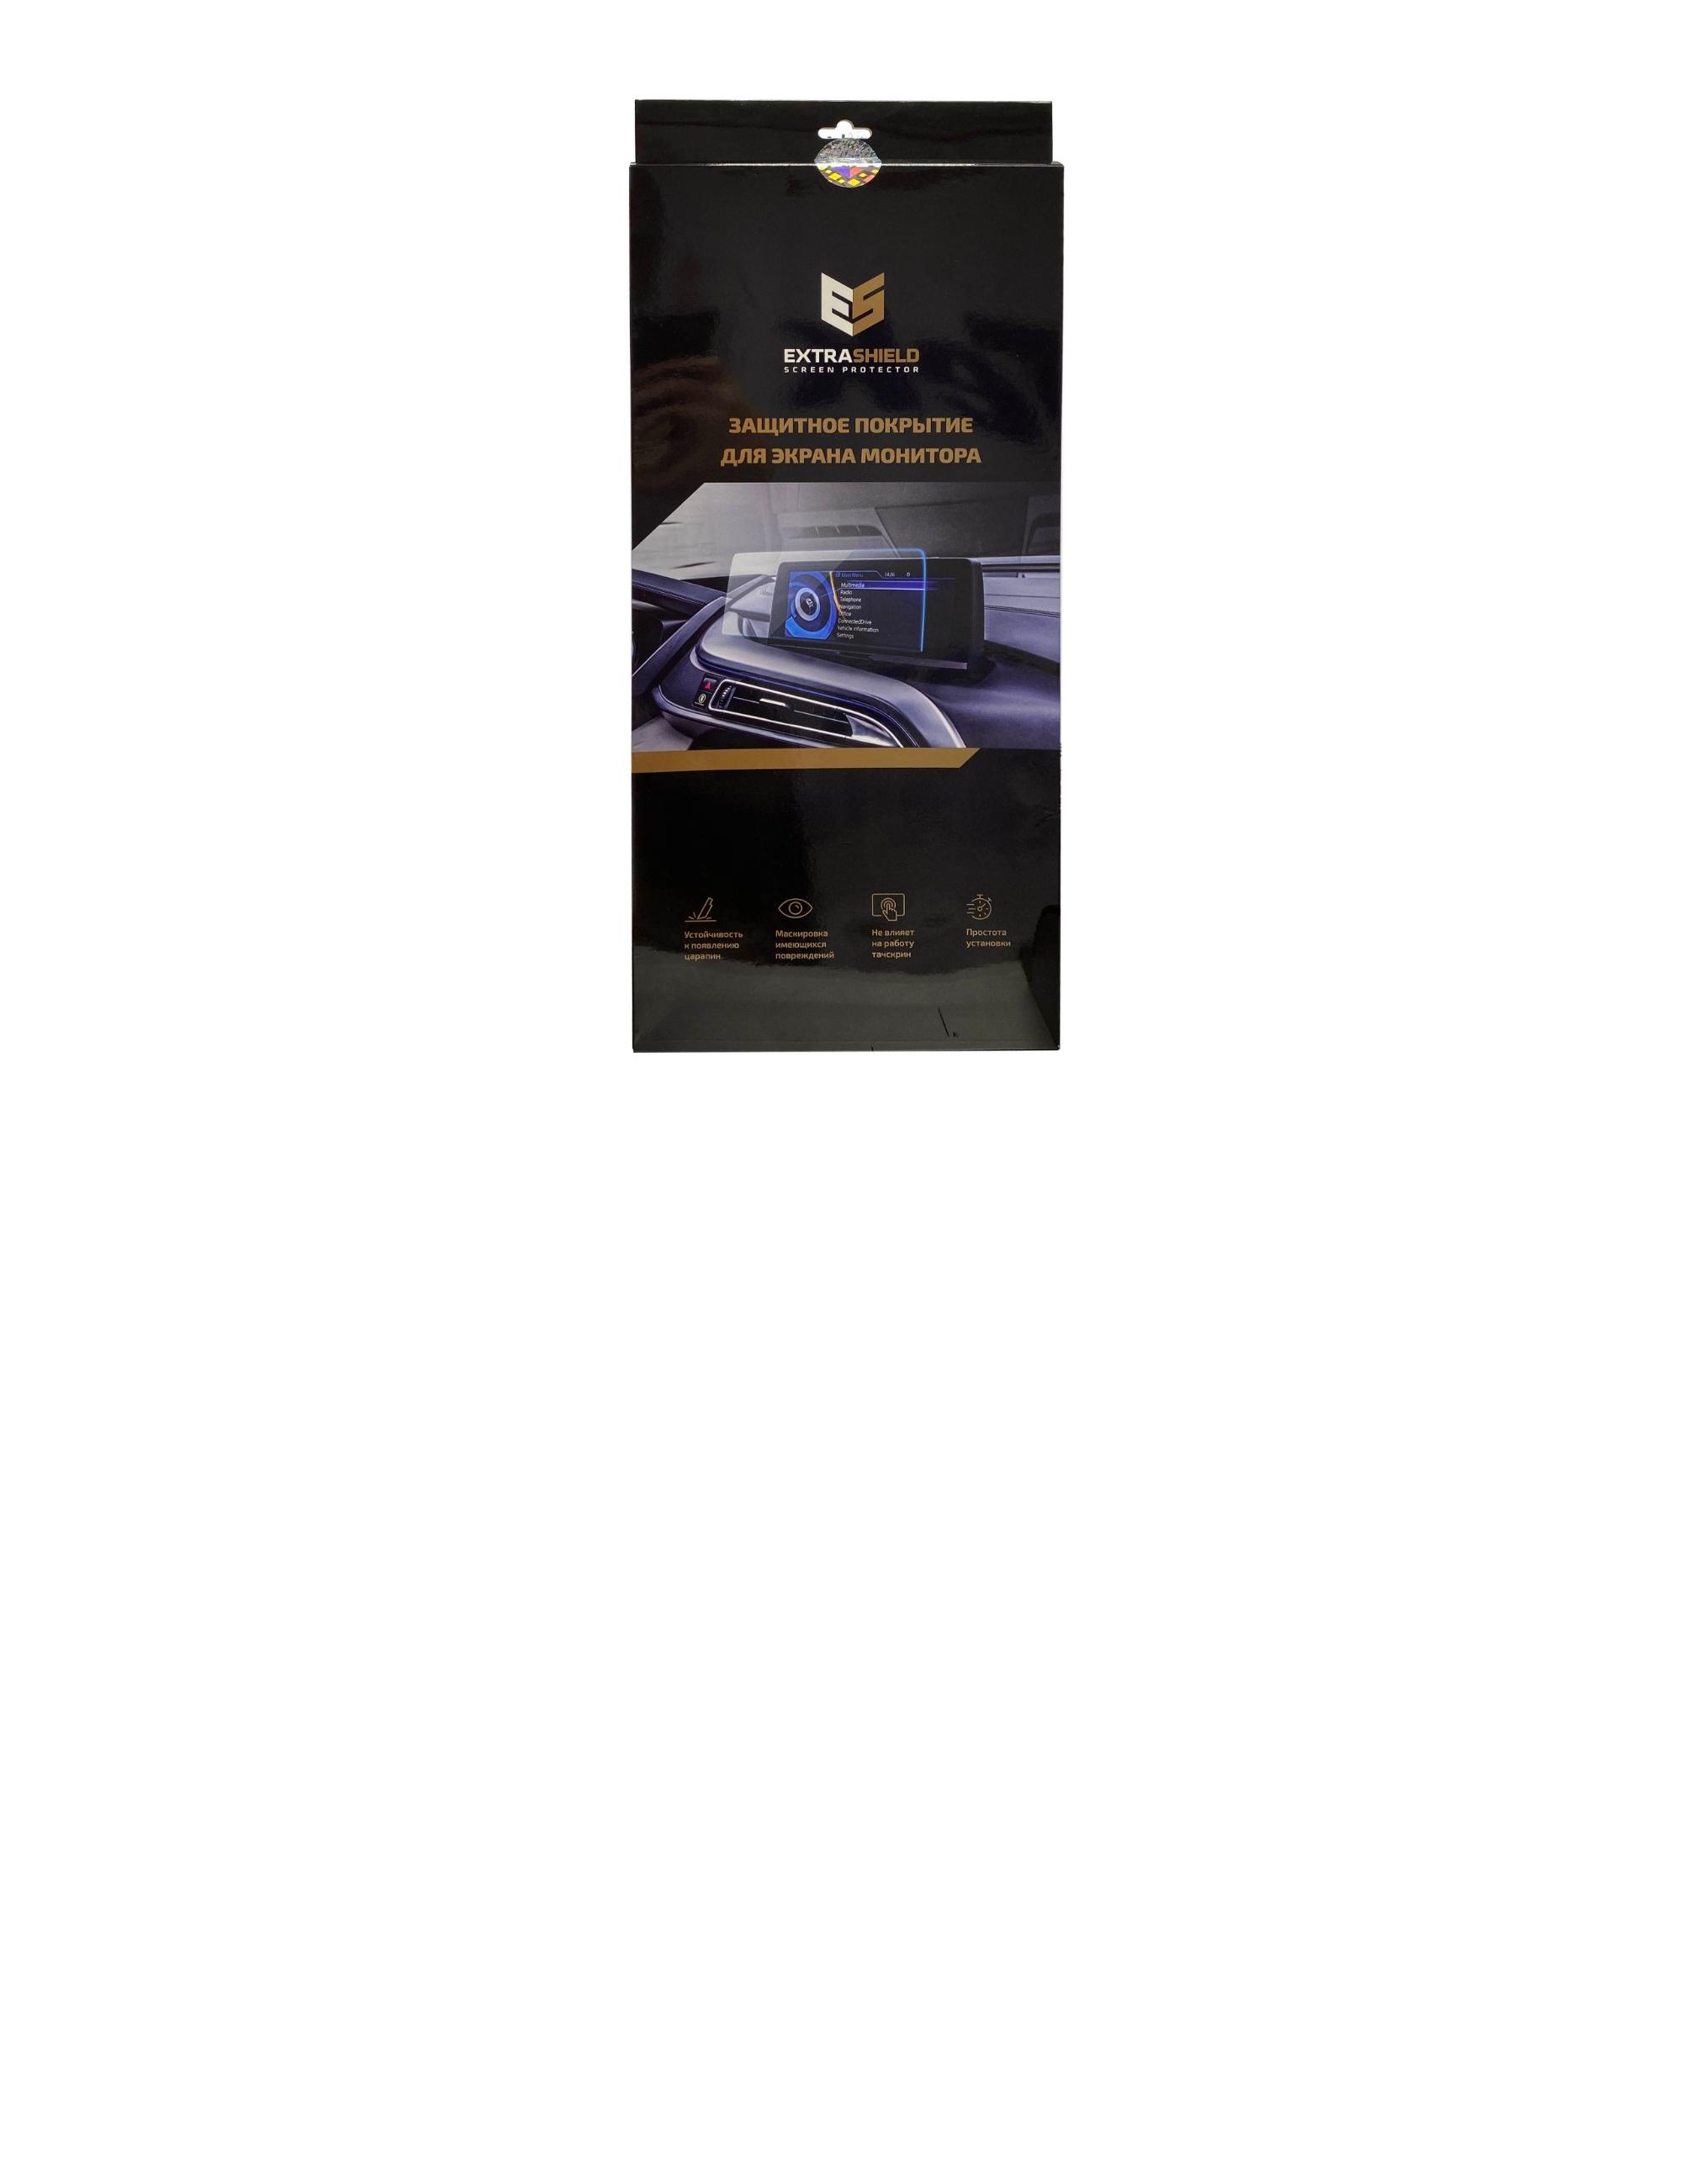 Audi A8 (D5) 2017 - н.в. мультимедиа+климат контроль 10.2-8.6 Защитное стекло Глянец